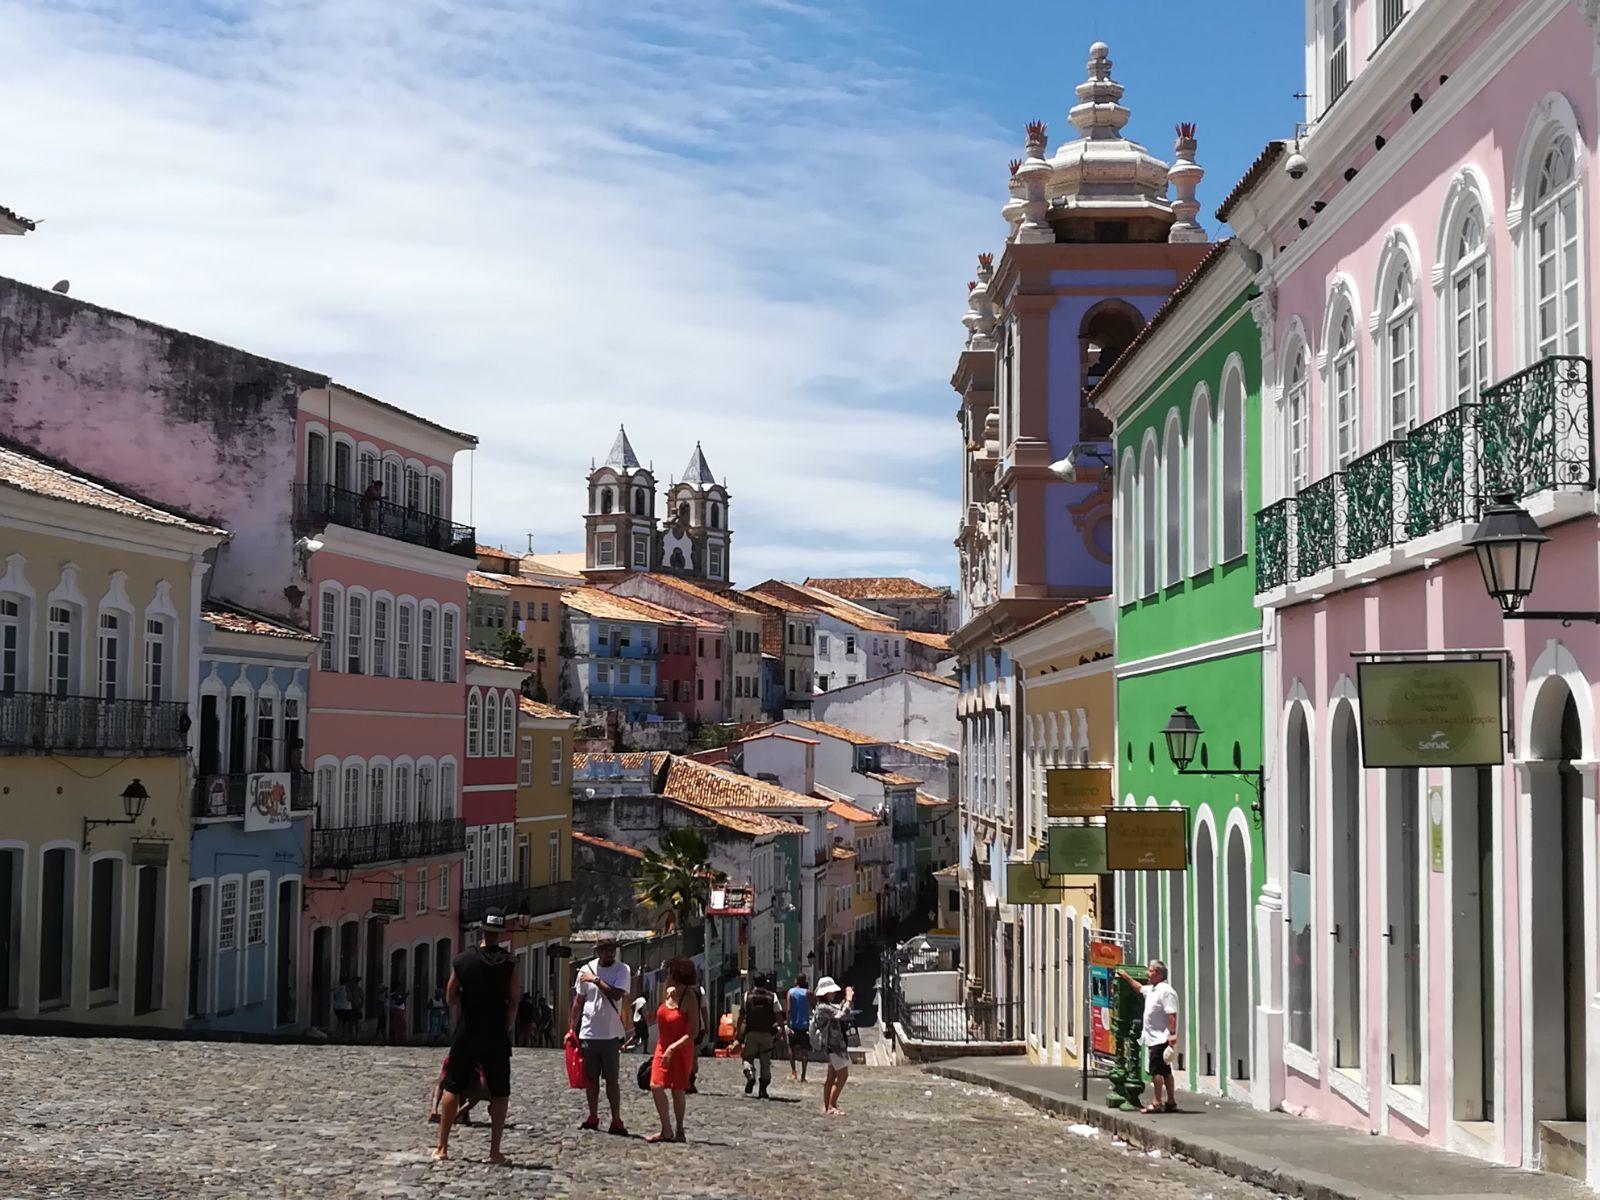 Vista del Pelourinho, el barrio histórico de Salvador de Bahía